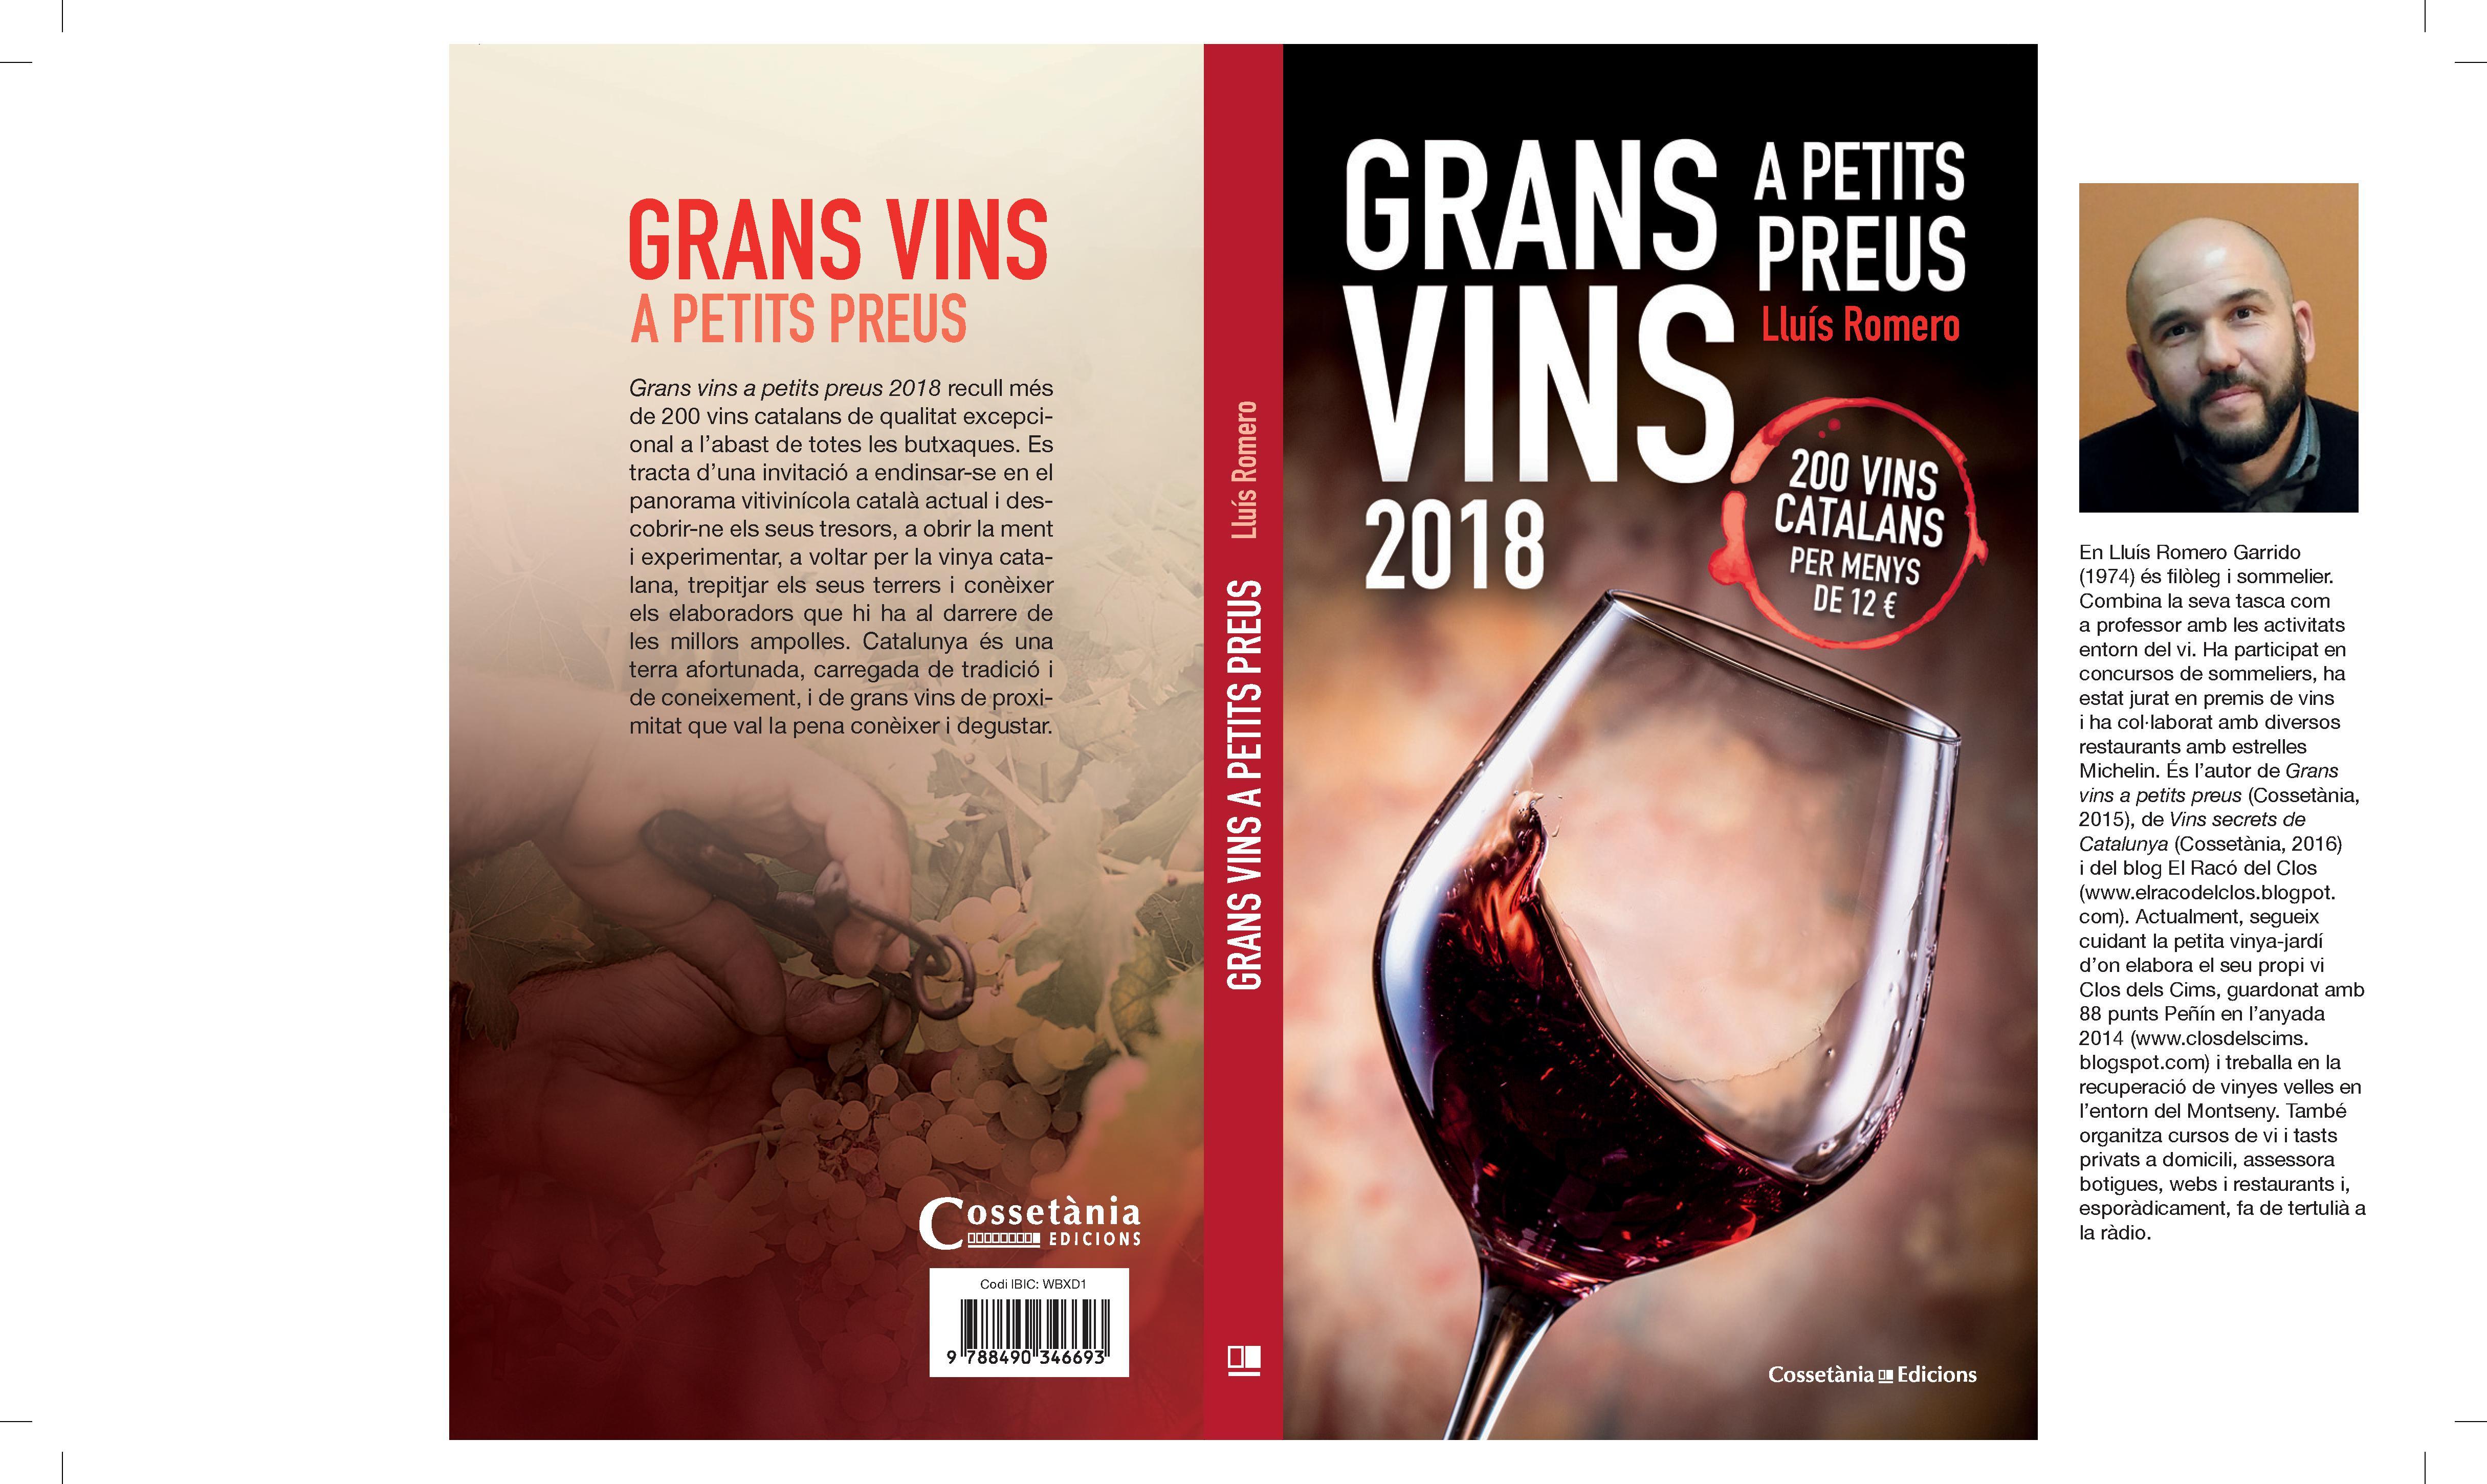 COBERTA GRANS VINS A PETITS PREUS 2018